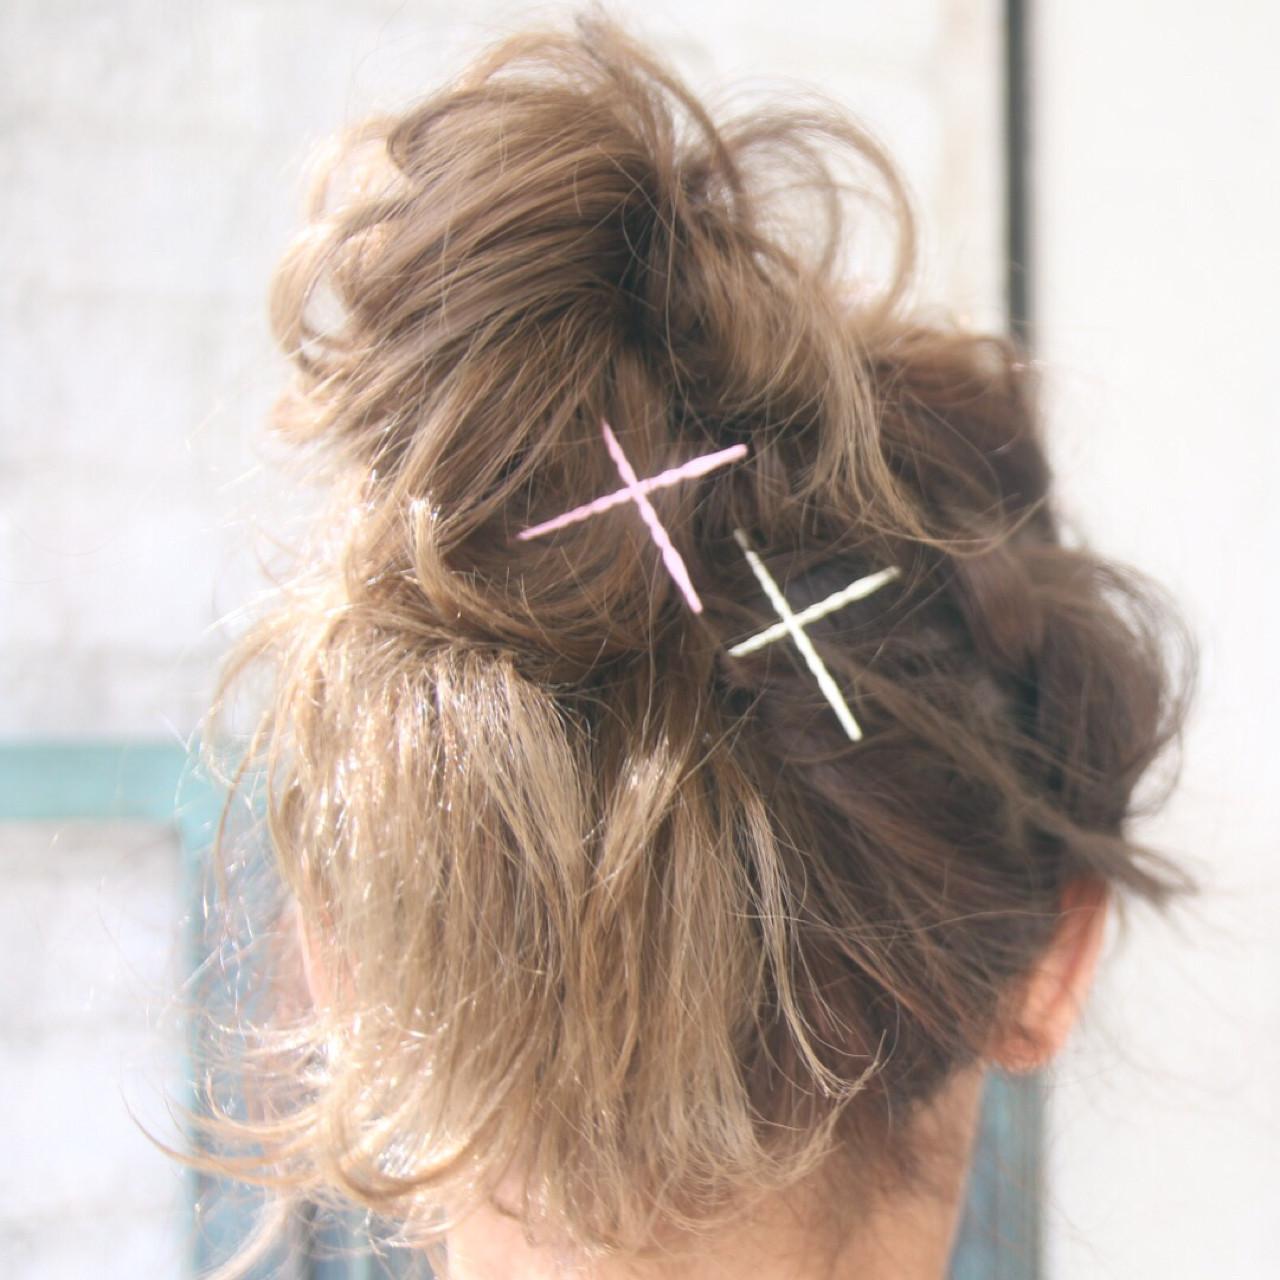 海外女子のヘアアレンジが可愛い♡バリエーション豊富なヘアアレンジ集 松谷 聖史